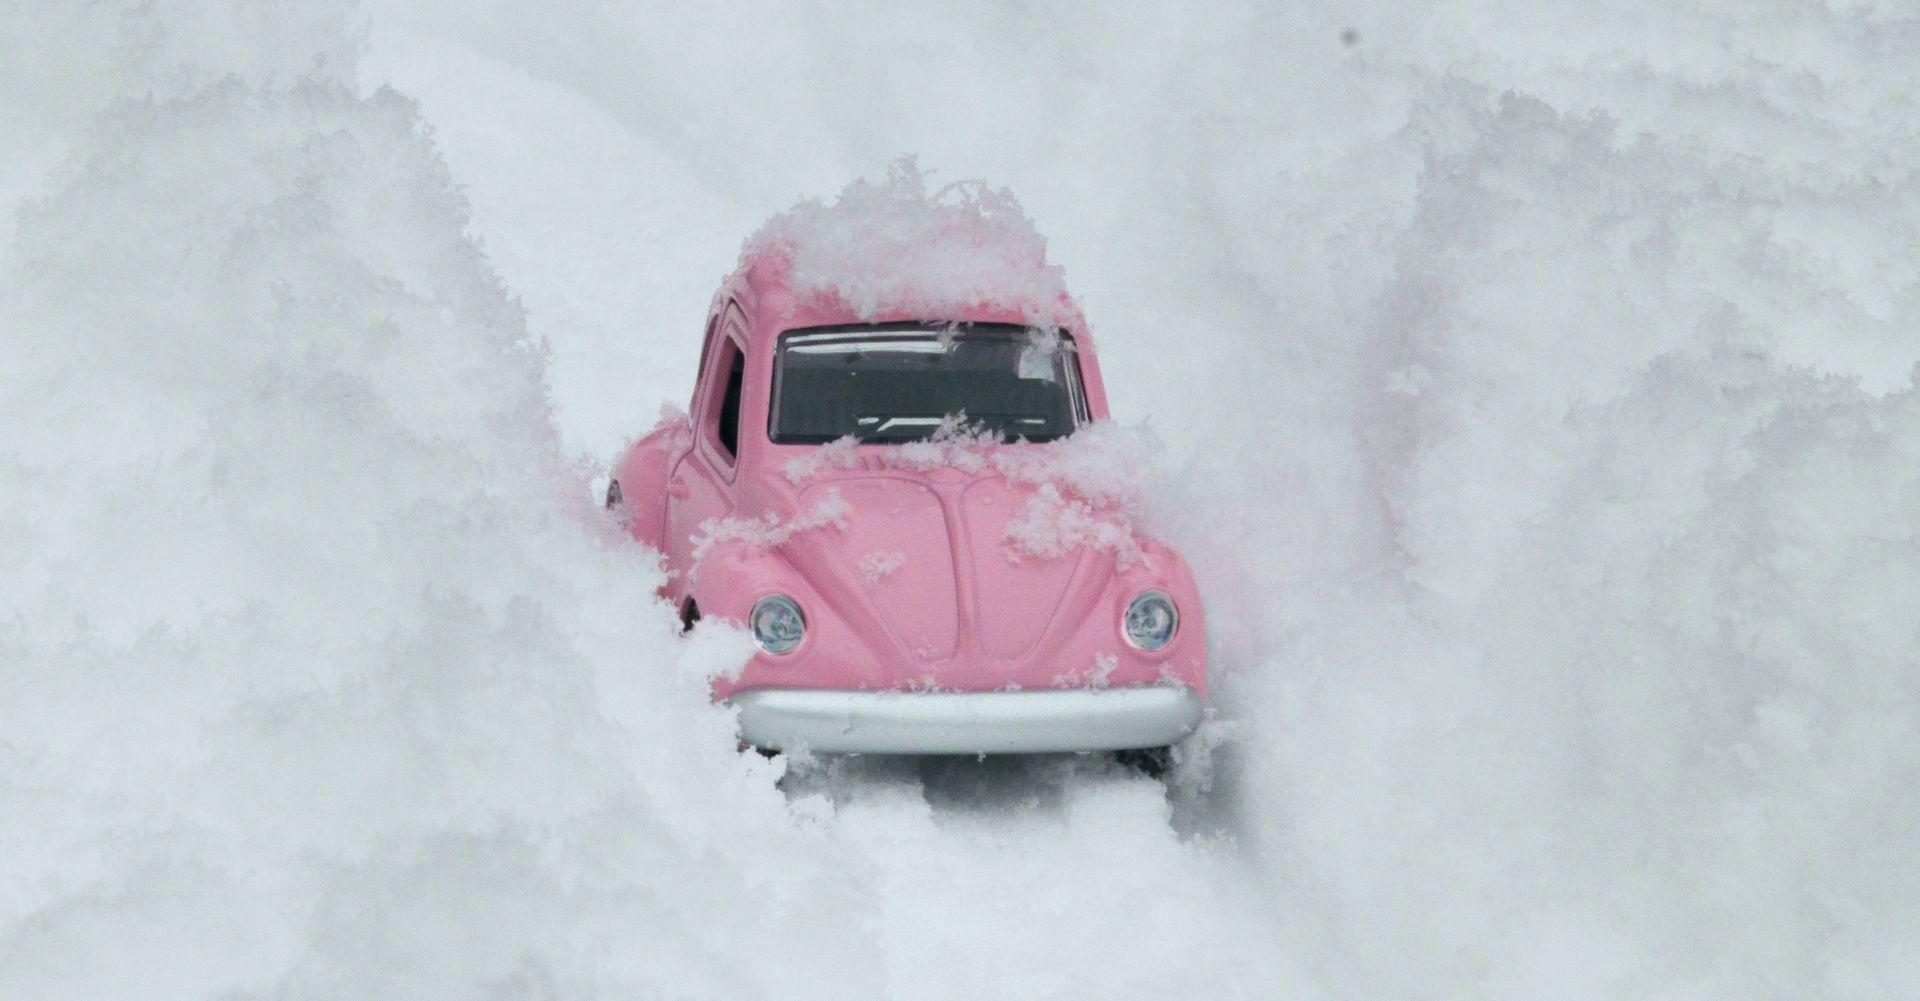 HAK: U Lici i Gorskom kotaru pada snijeg